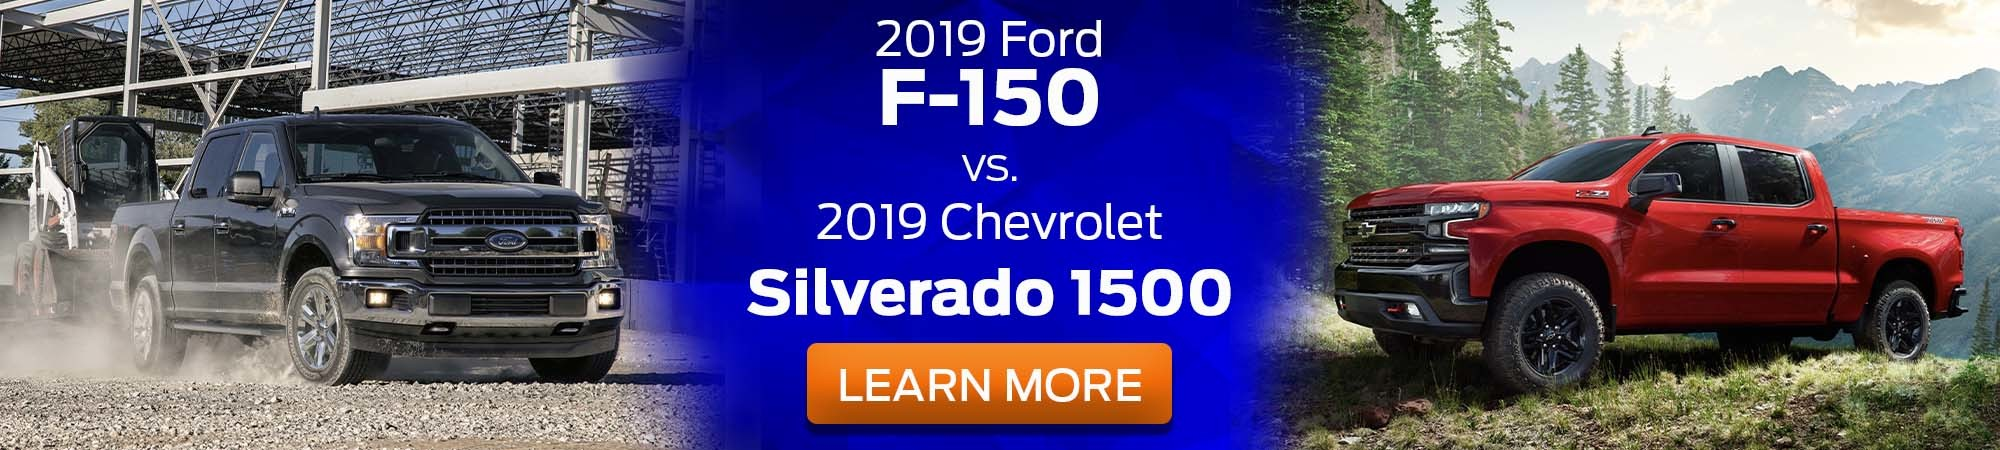 2019 Ford F-150 v 2019 Chevrolet Silverado